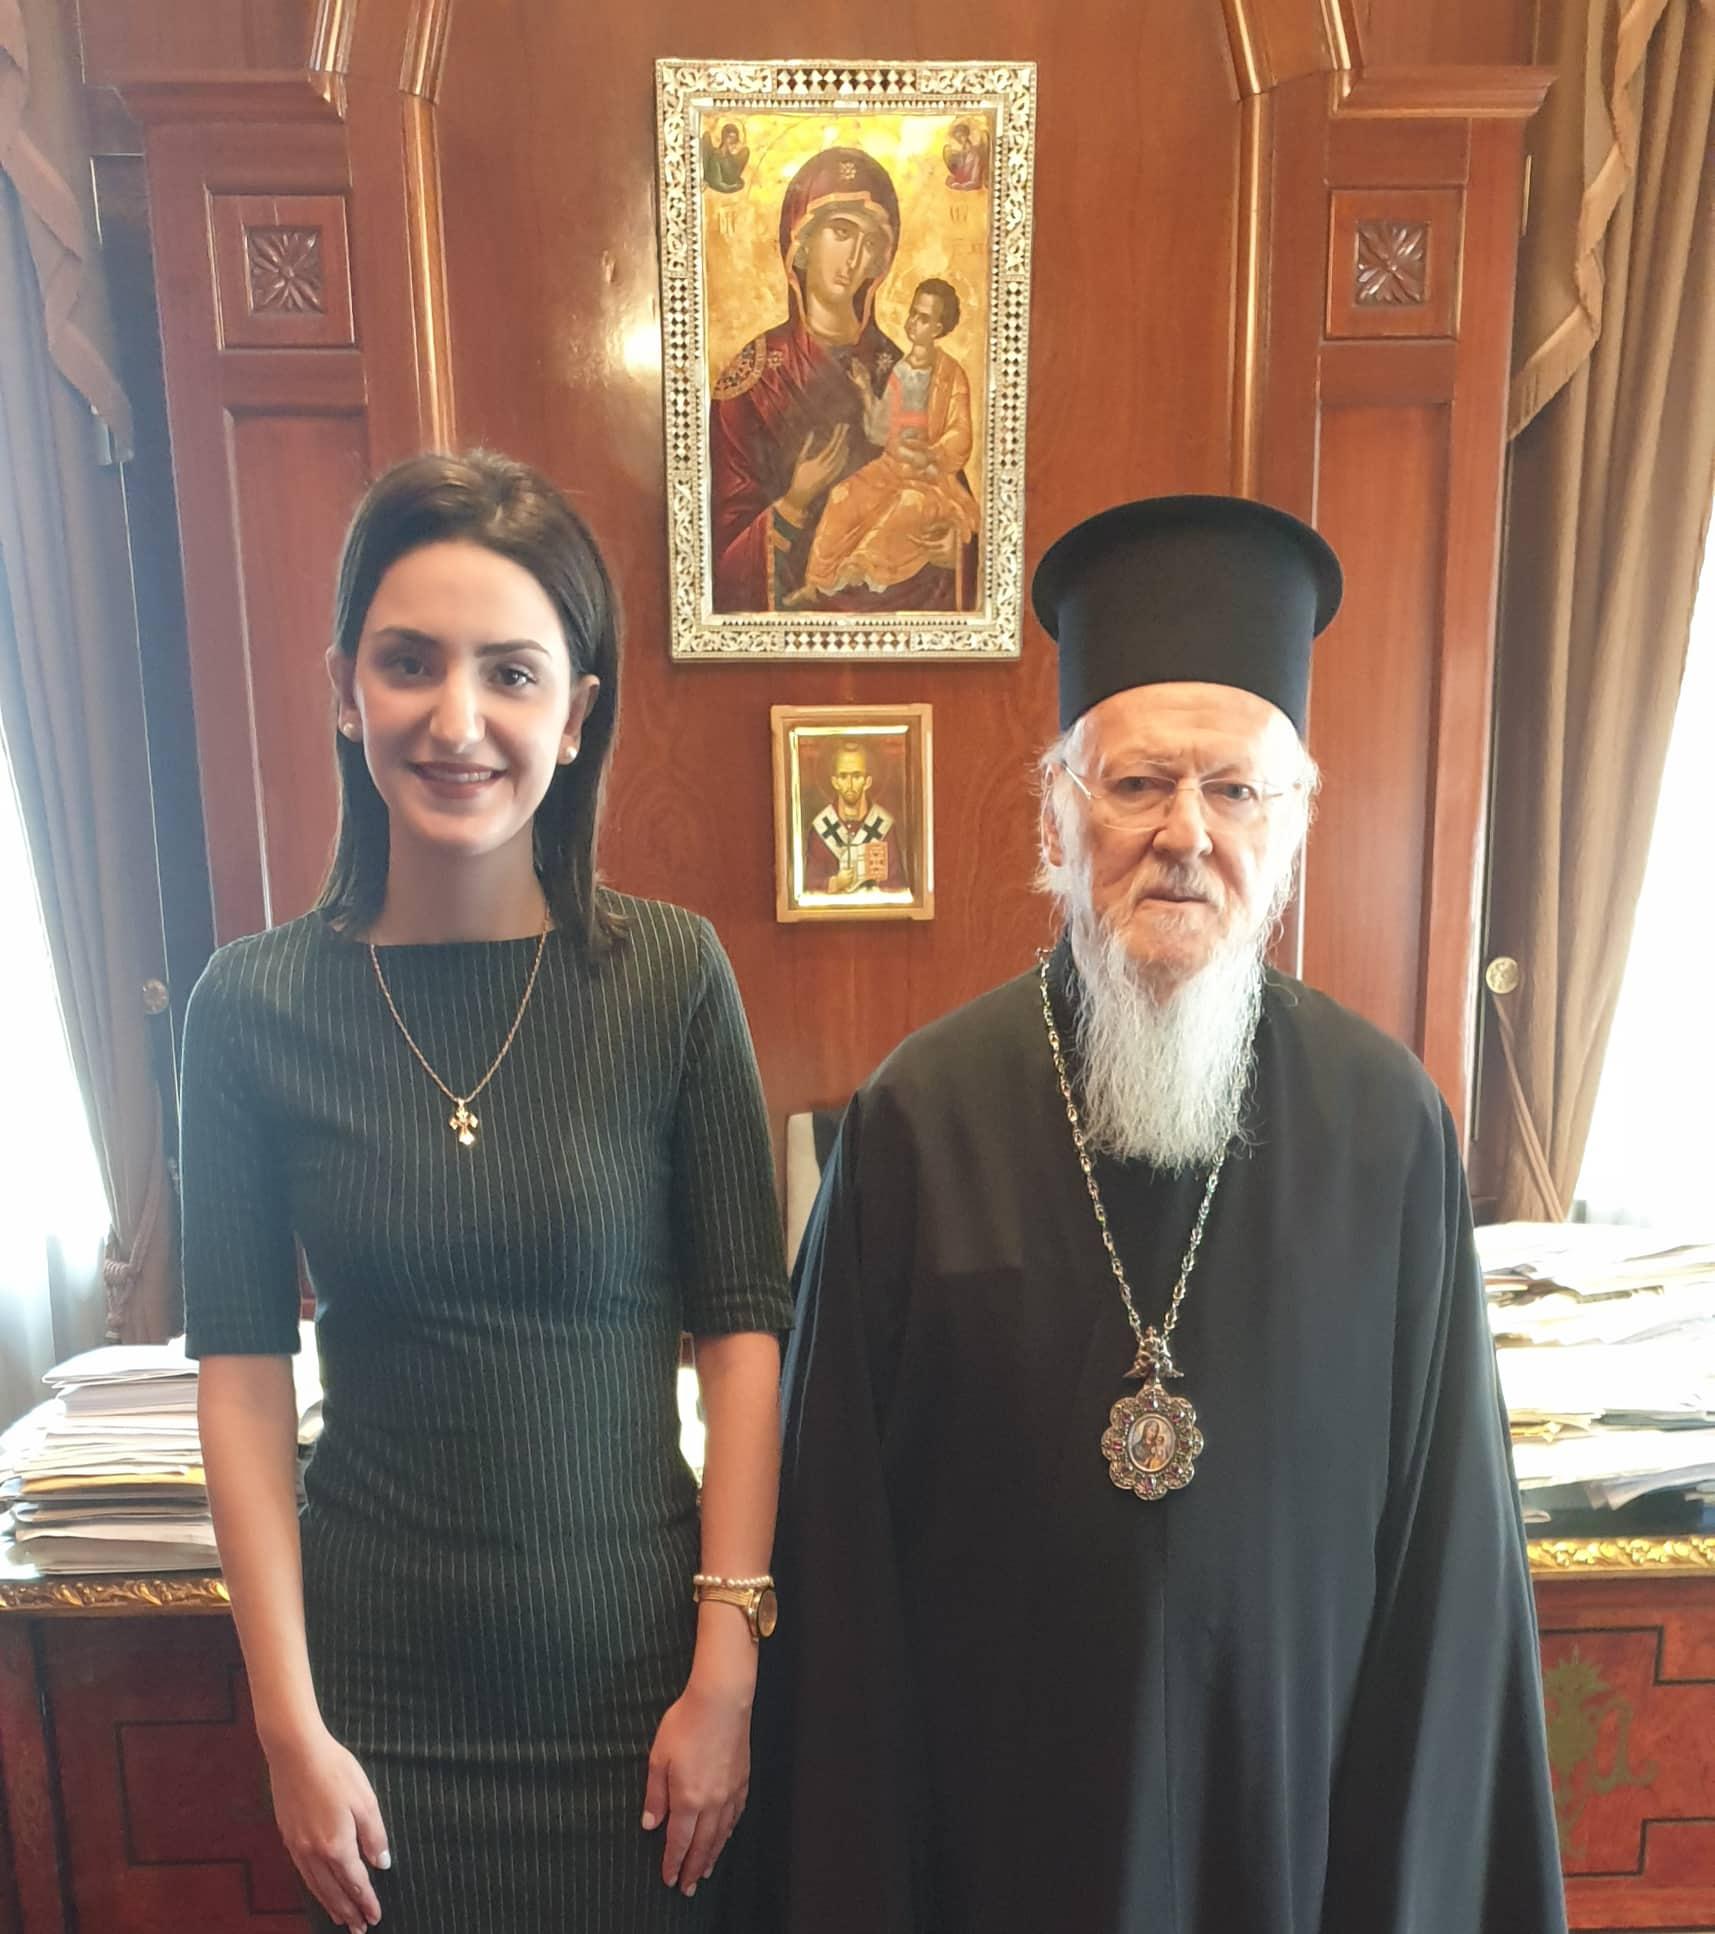 Επίσκεψη Λαρισαίας στο Φανάρι στον Παναγιώτατο Οικουμενικό Πατριάρχη Βαρθολομαίο (Φώτο)